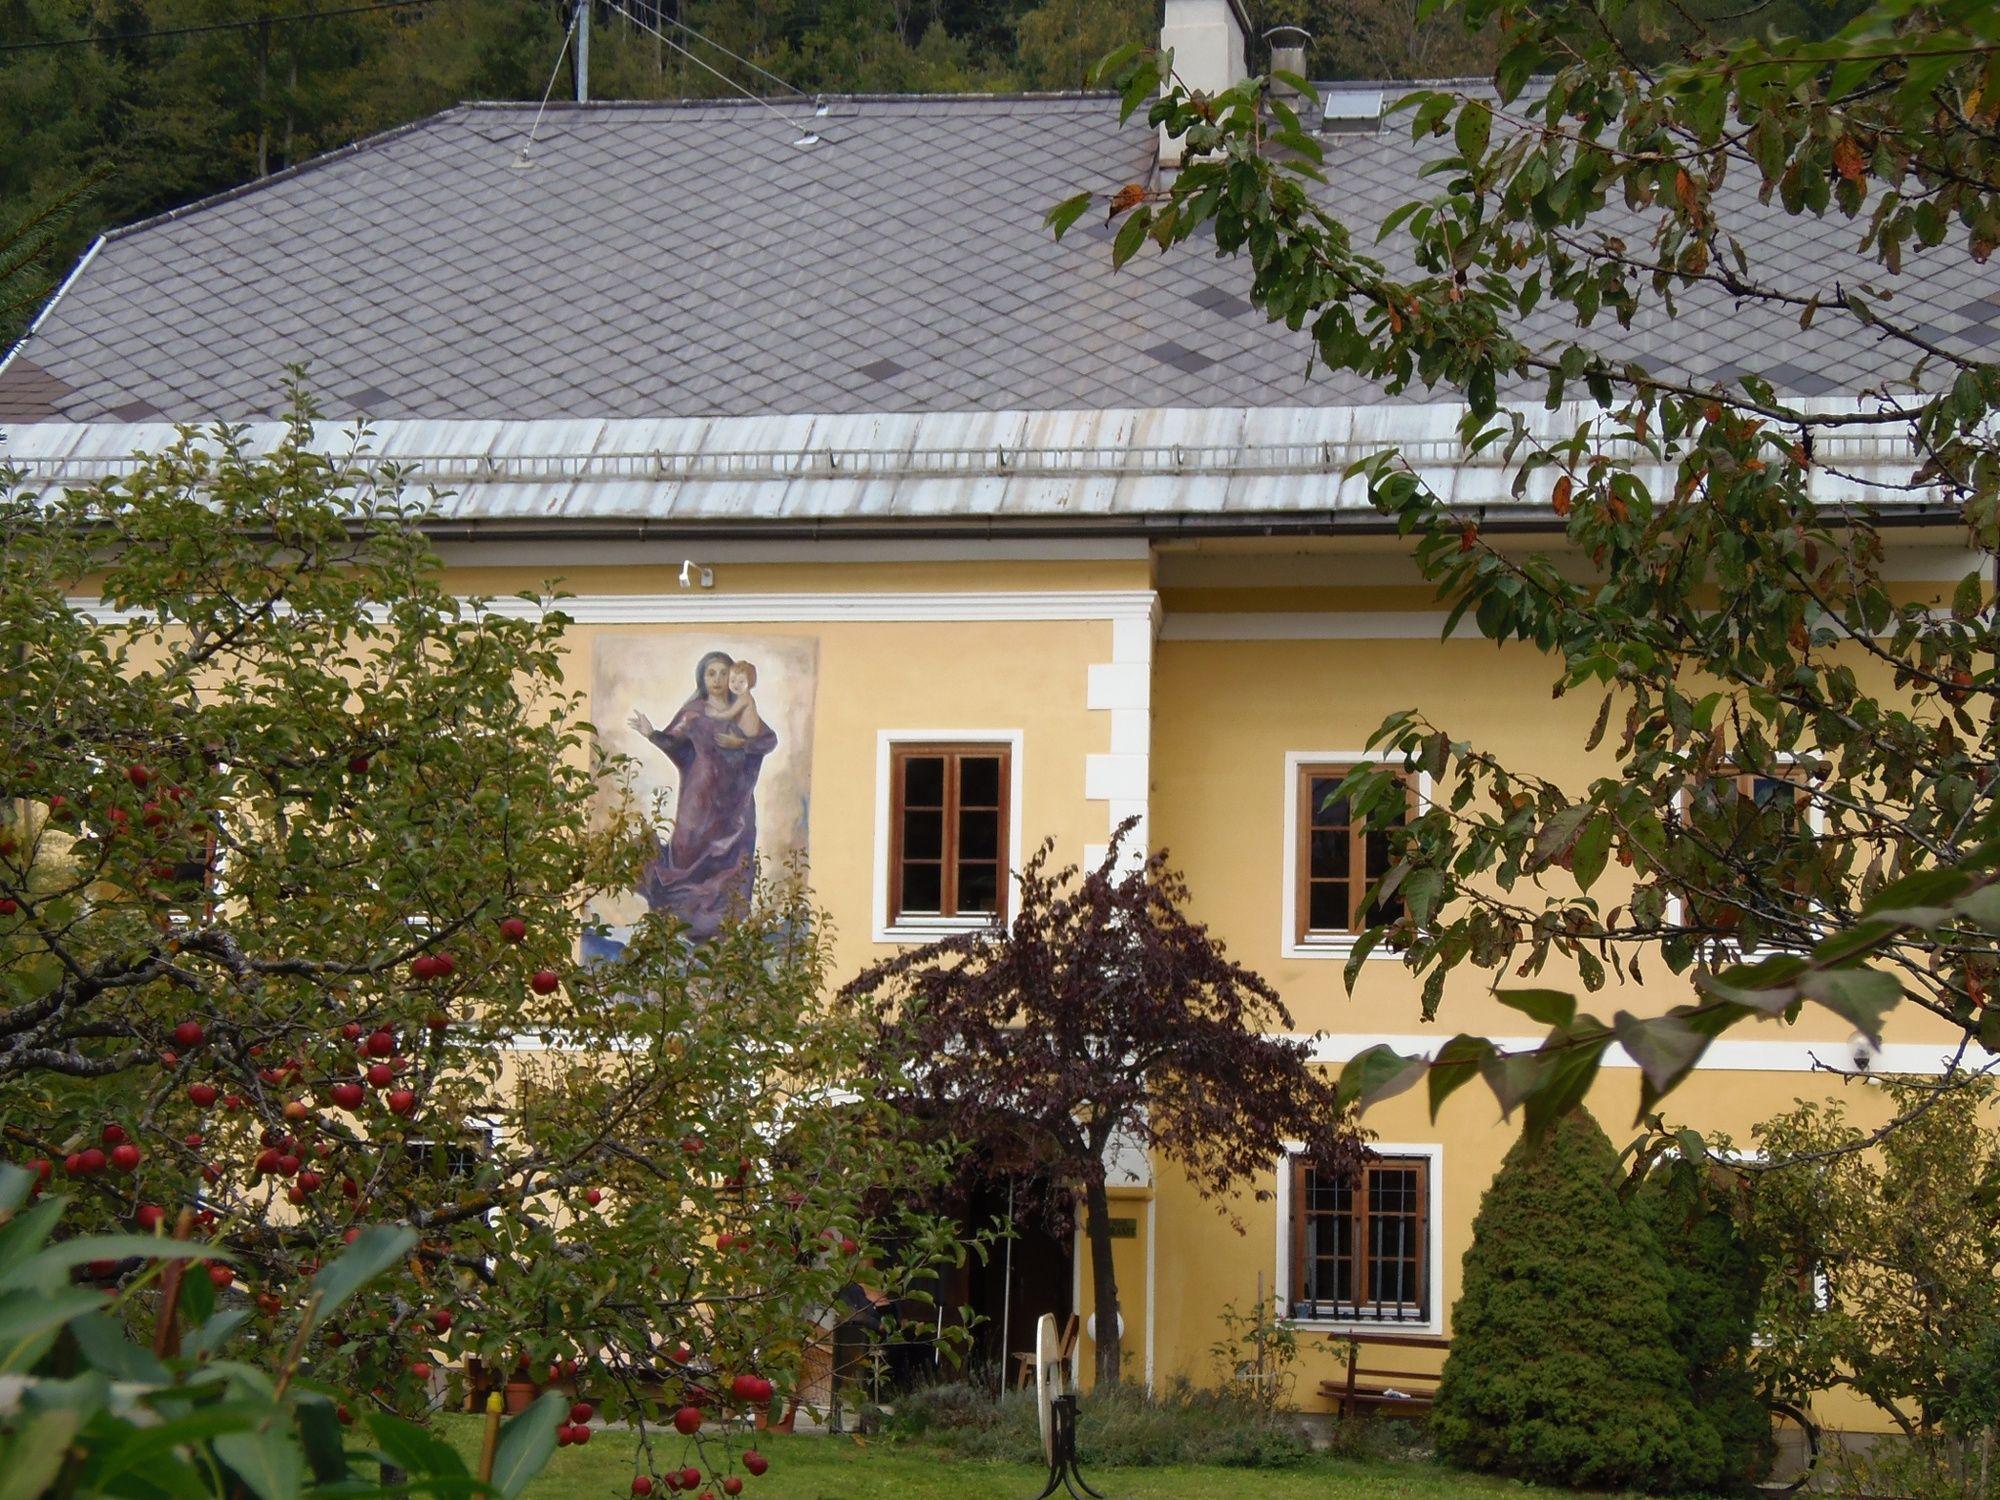 Amtshelfer - Brgerservice - Gemeinde Steinfeld